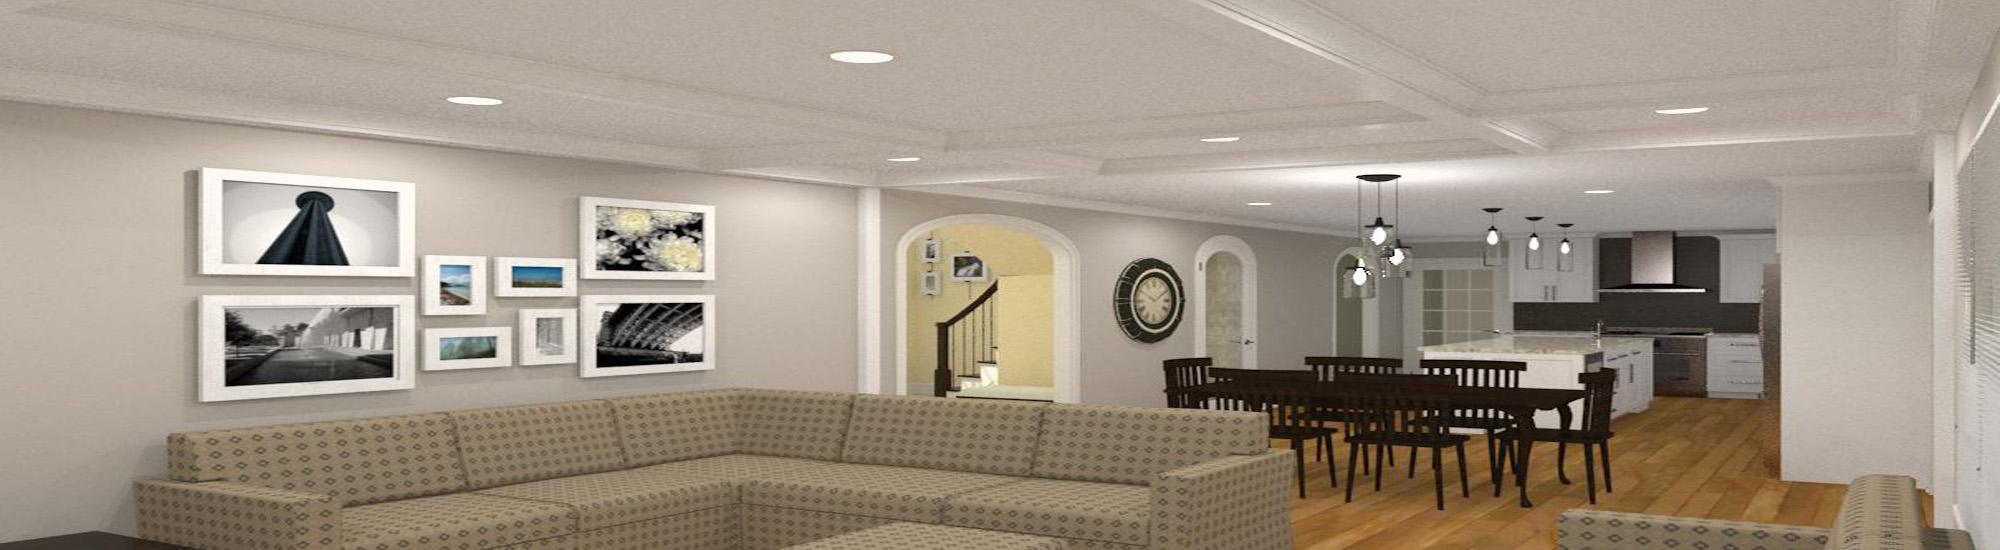 Open Floor Plan CAD (1)-Design Build Pros copy